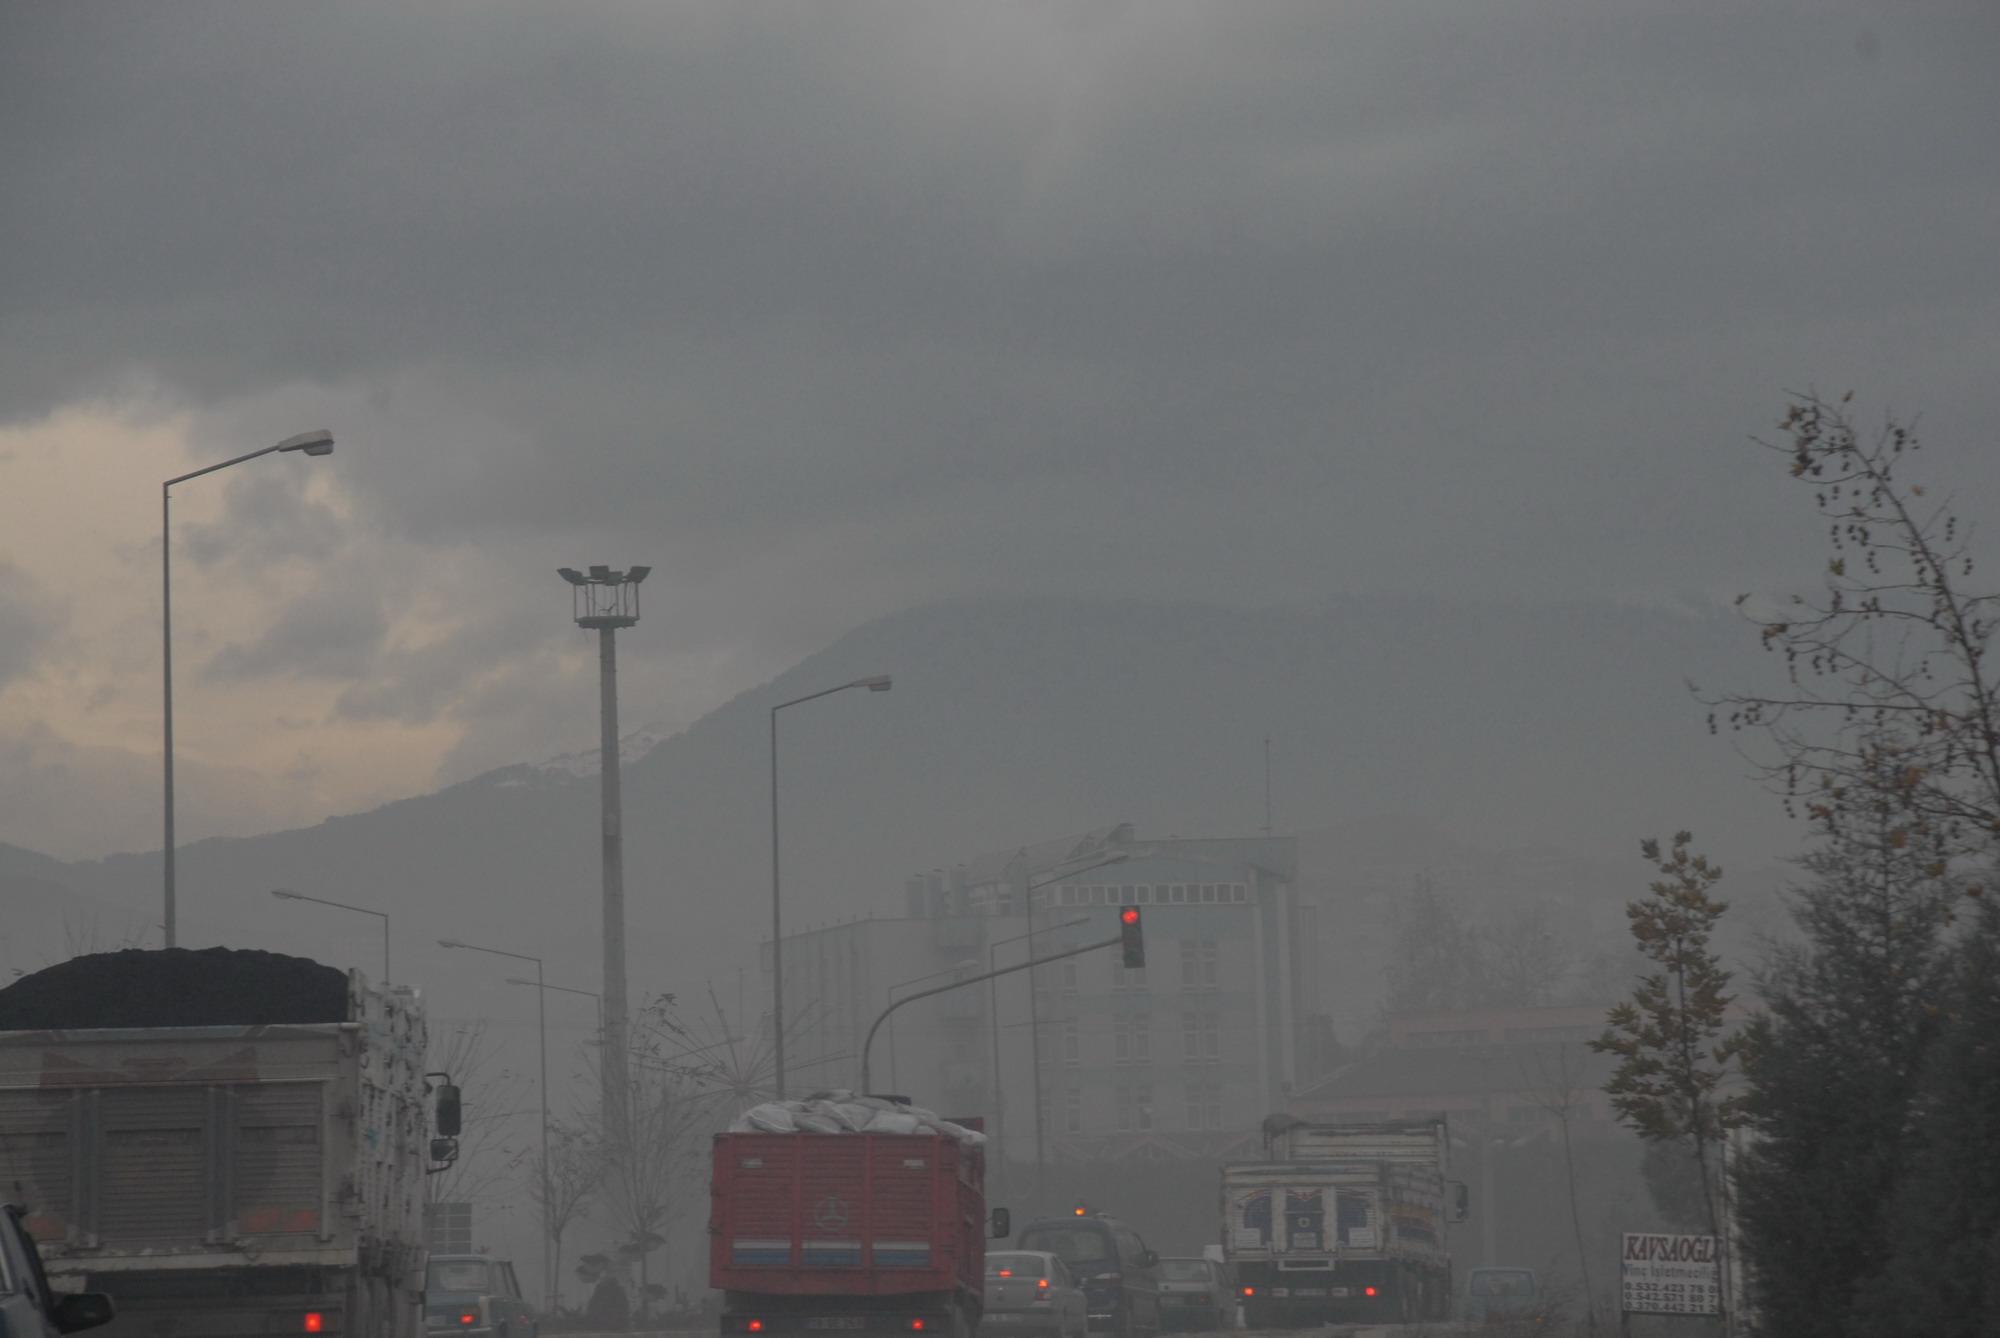 Bursa da sağlığı tehdit eden hava kirliliğine dikkat çekti